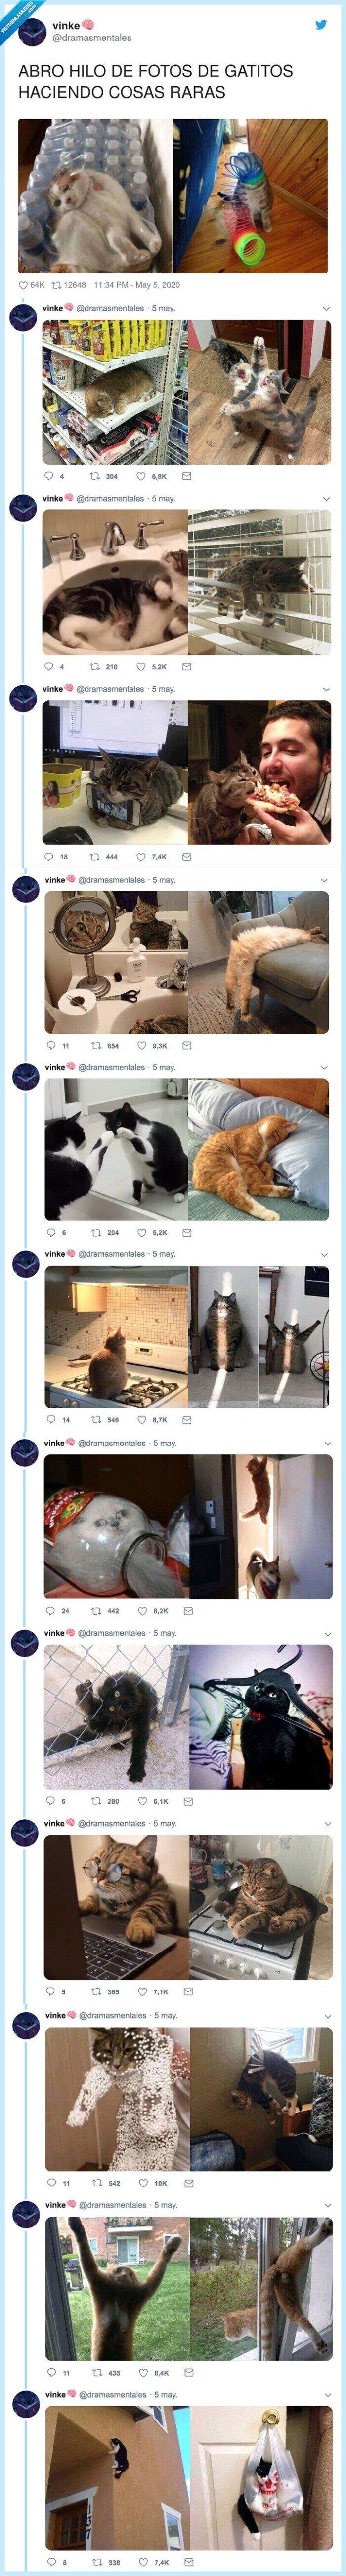 cosas raras,fotos,gatitos